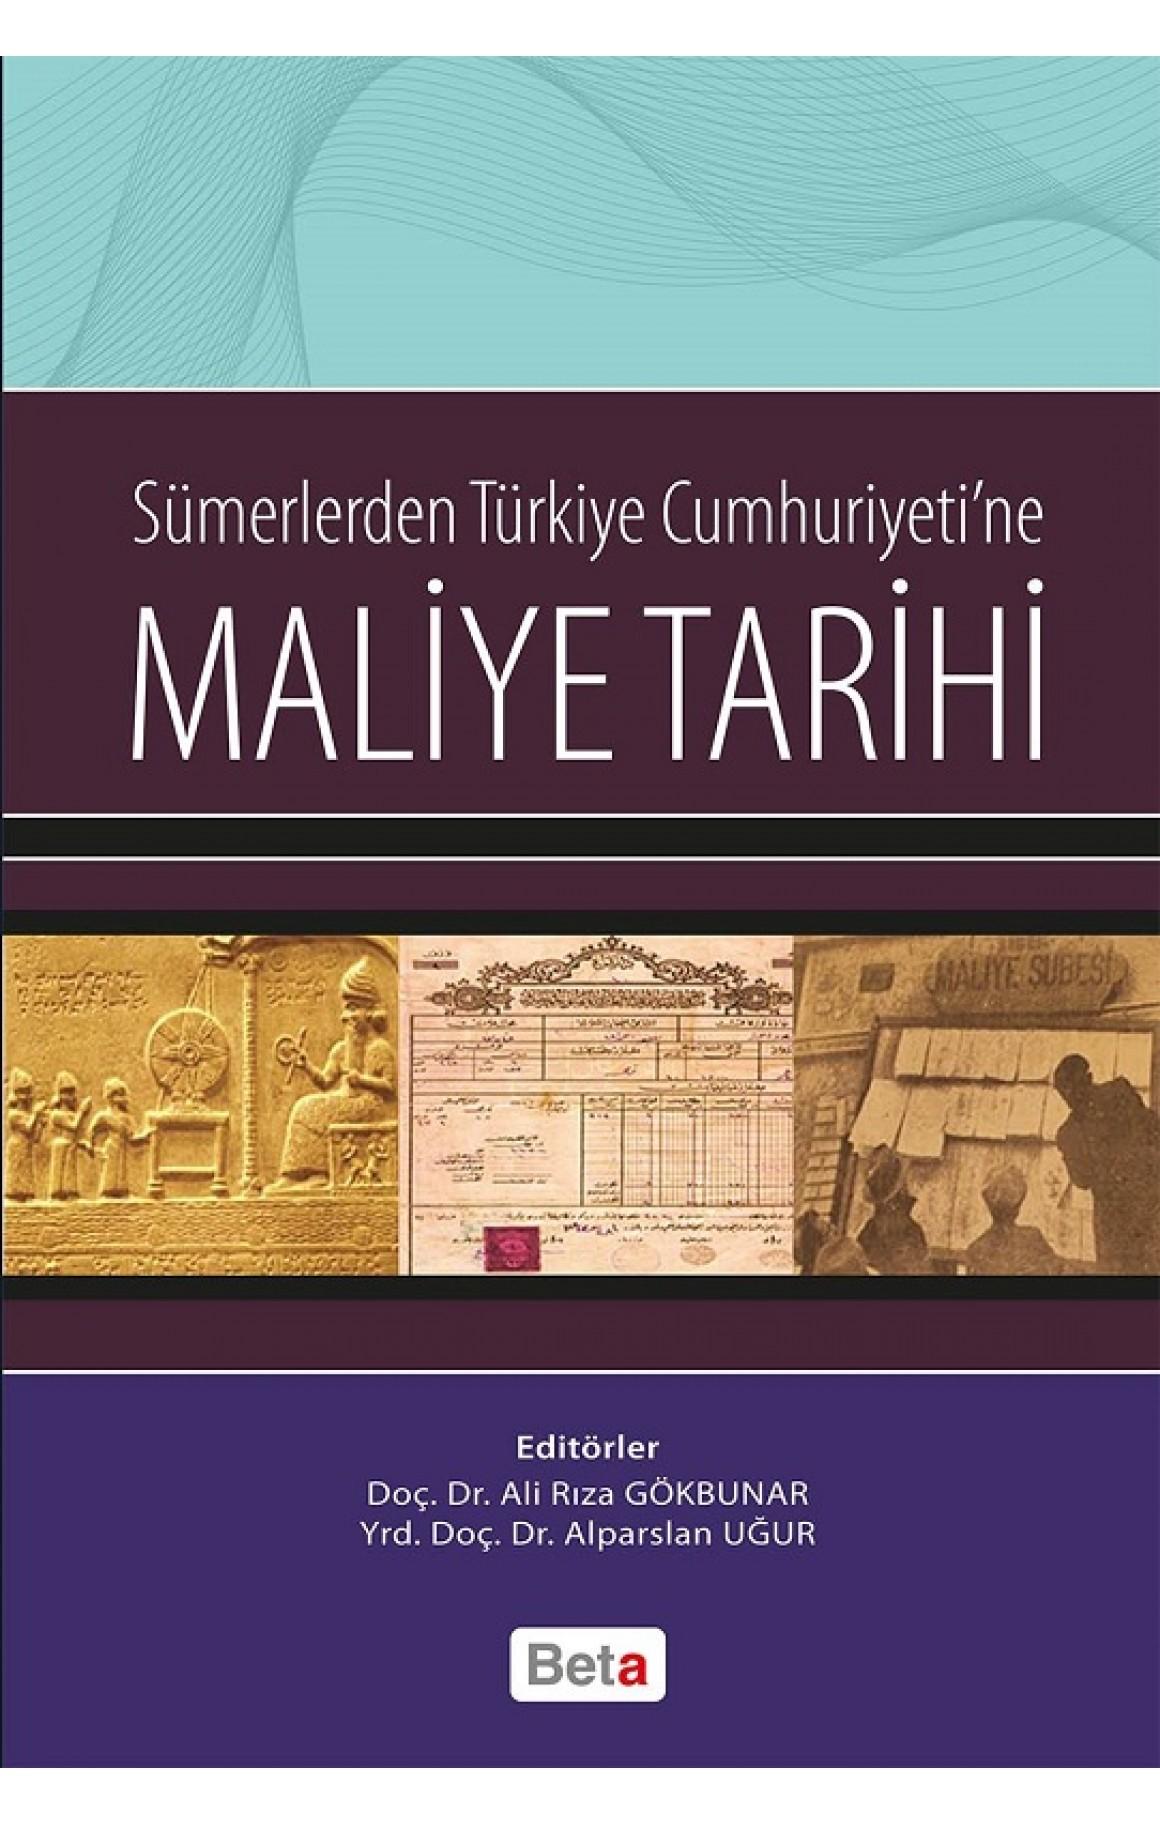 Sümerlerden Türkiye Cumhuriyetine Maliye Tarihi